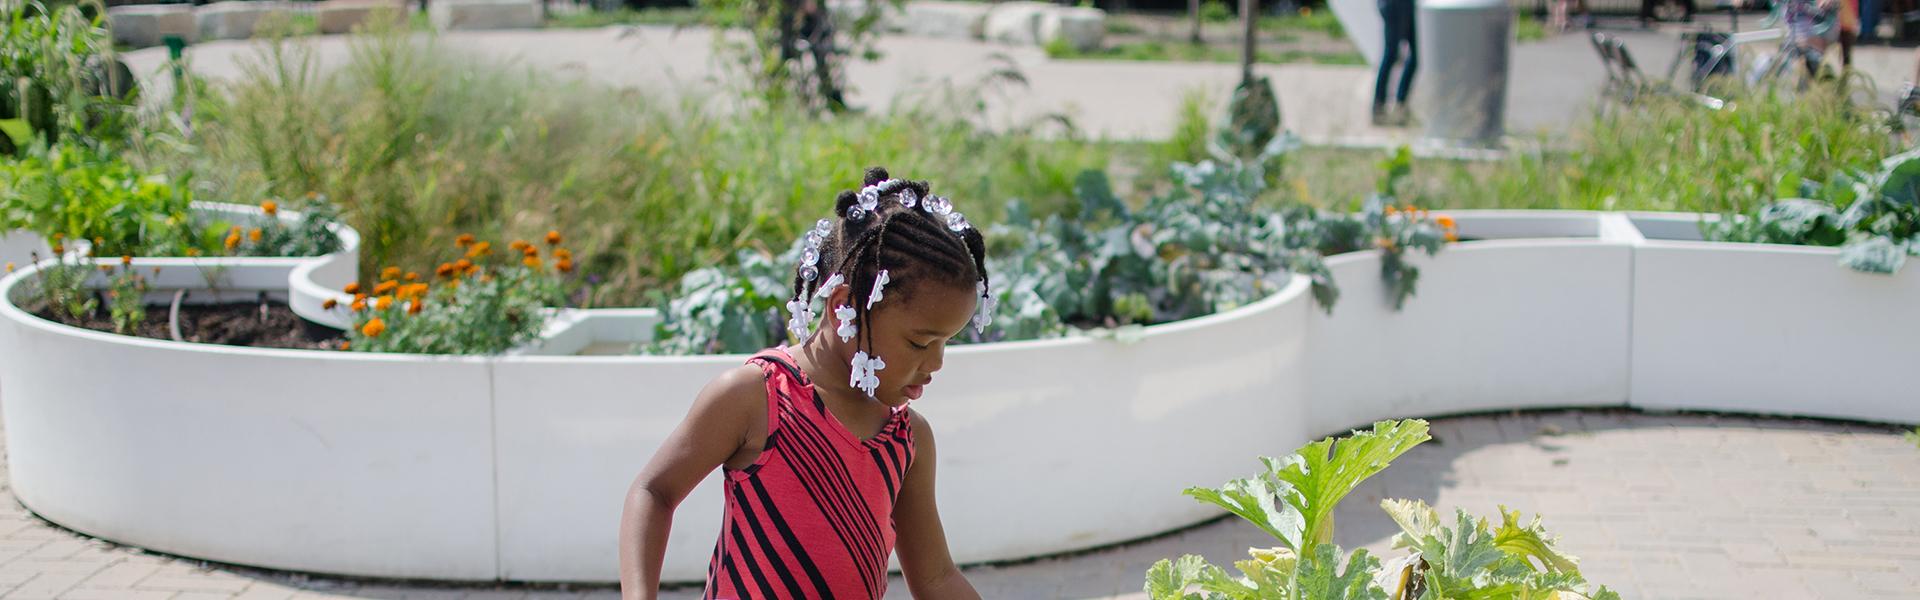 School Gardens 101